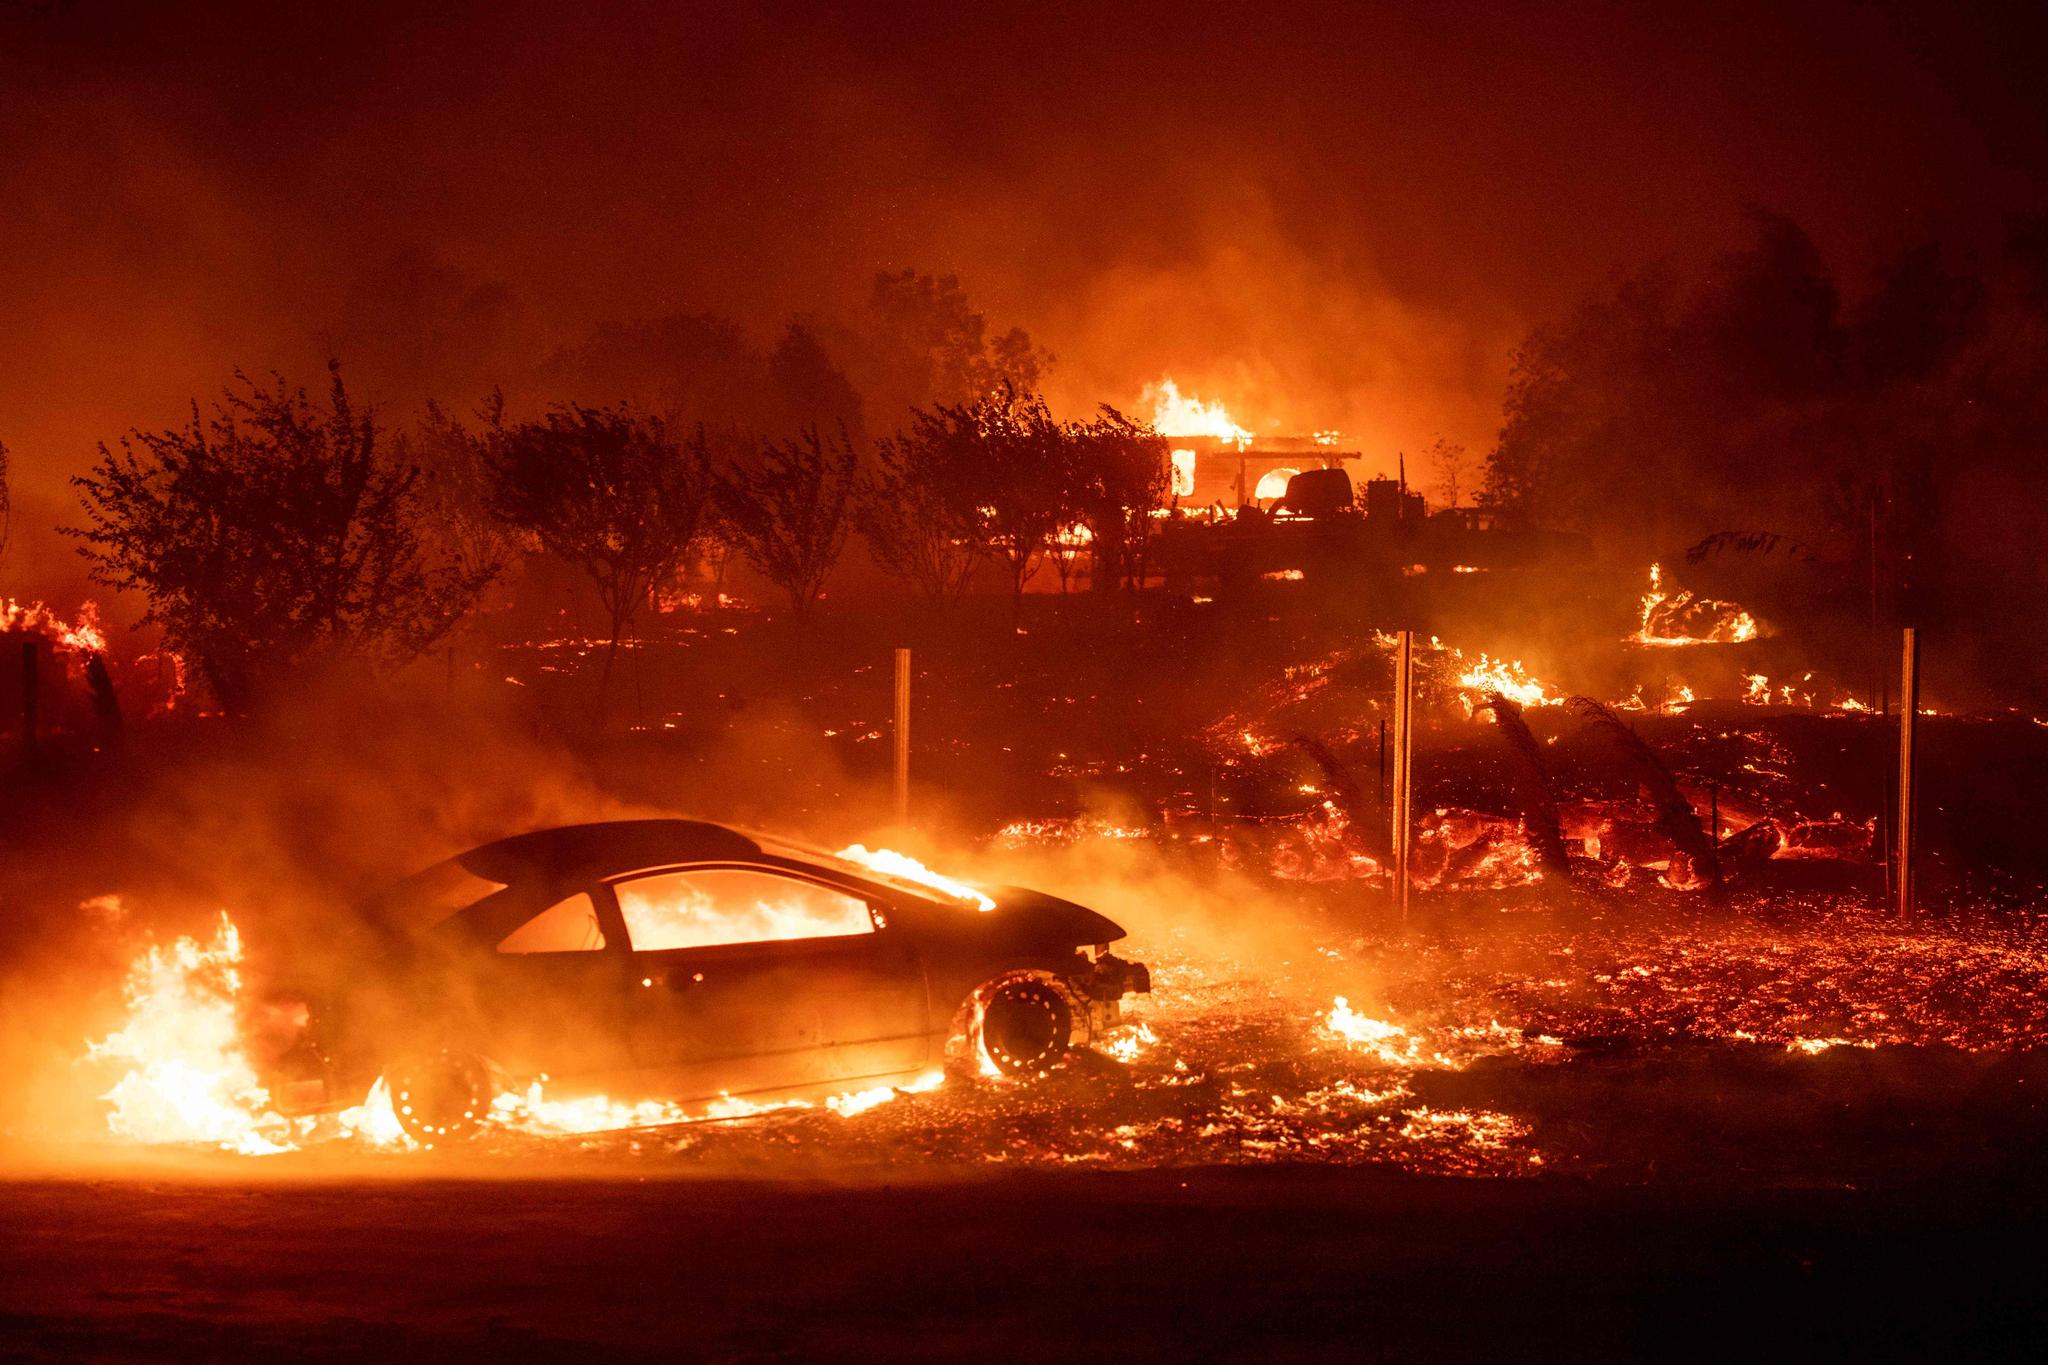 캠프파이어는 미국 캘리포니아주 북부 뷰트 카운티에서 11월 8일 발생해 건물 1만5000여채를 태우고 86명의 사망자를 낸 뒤 25일만에 진화됐다.[AFP=연합뉴스]